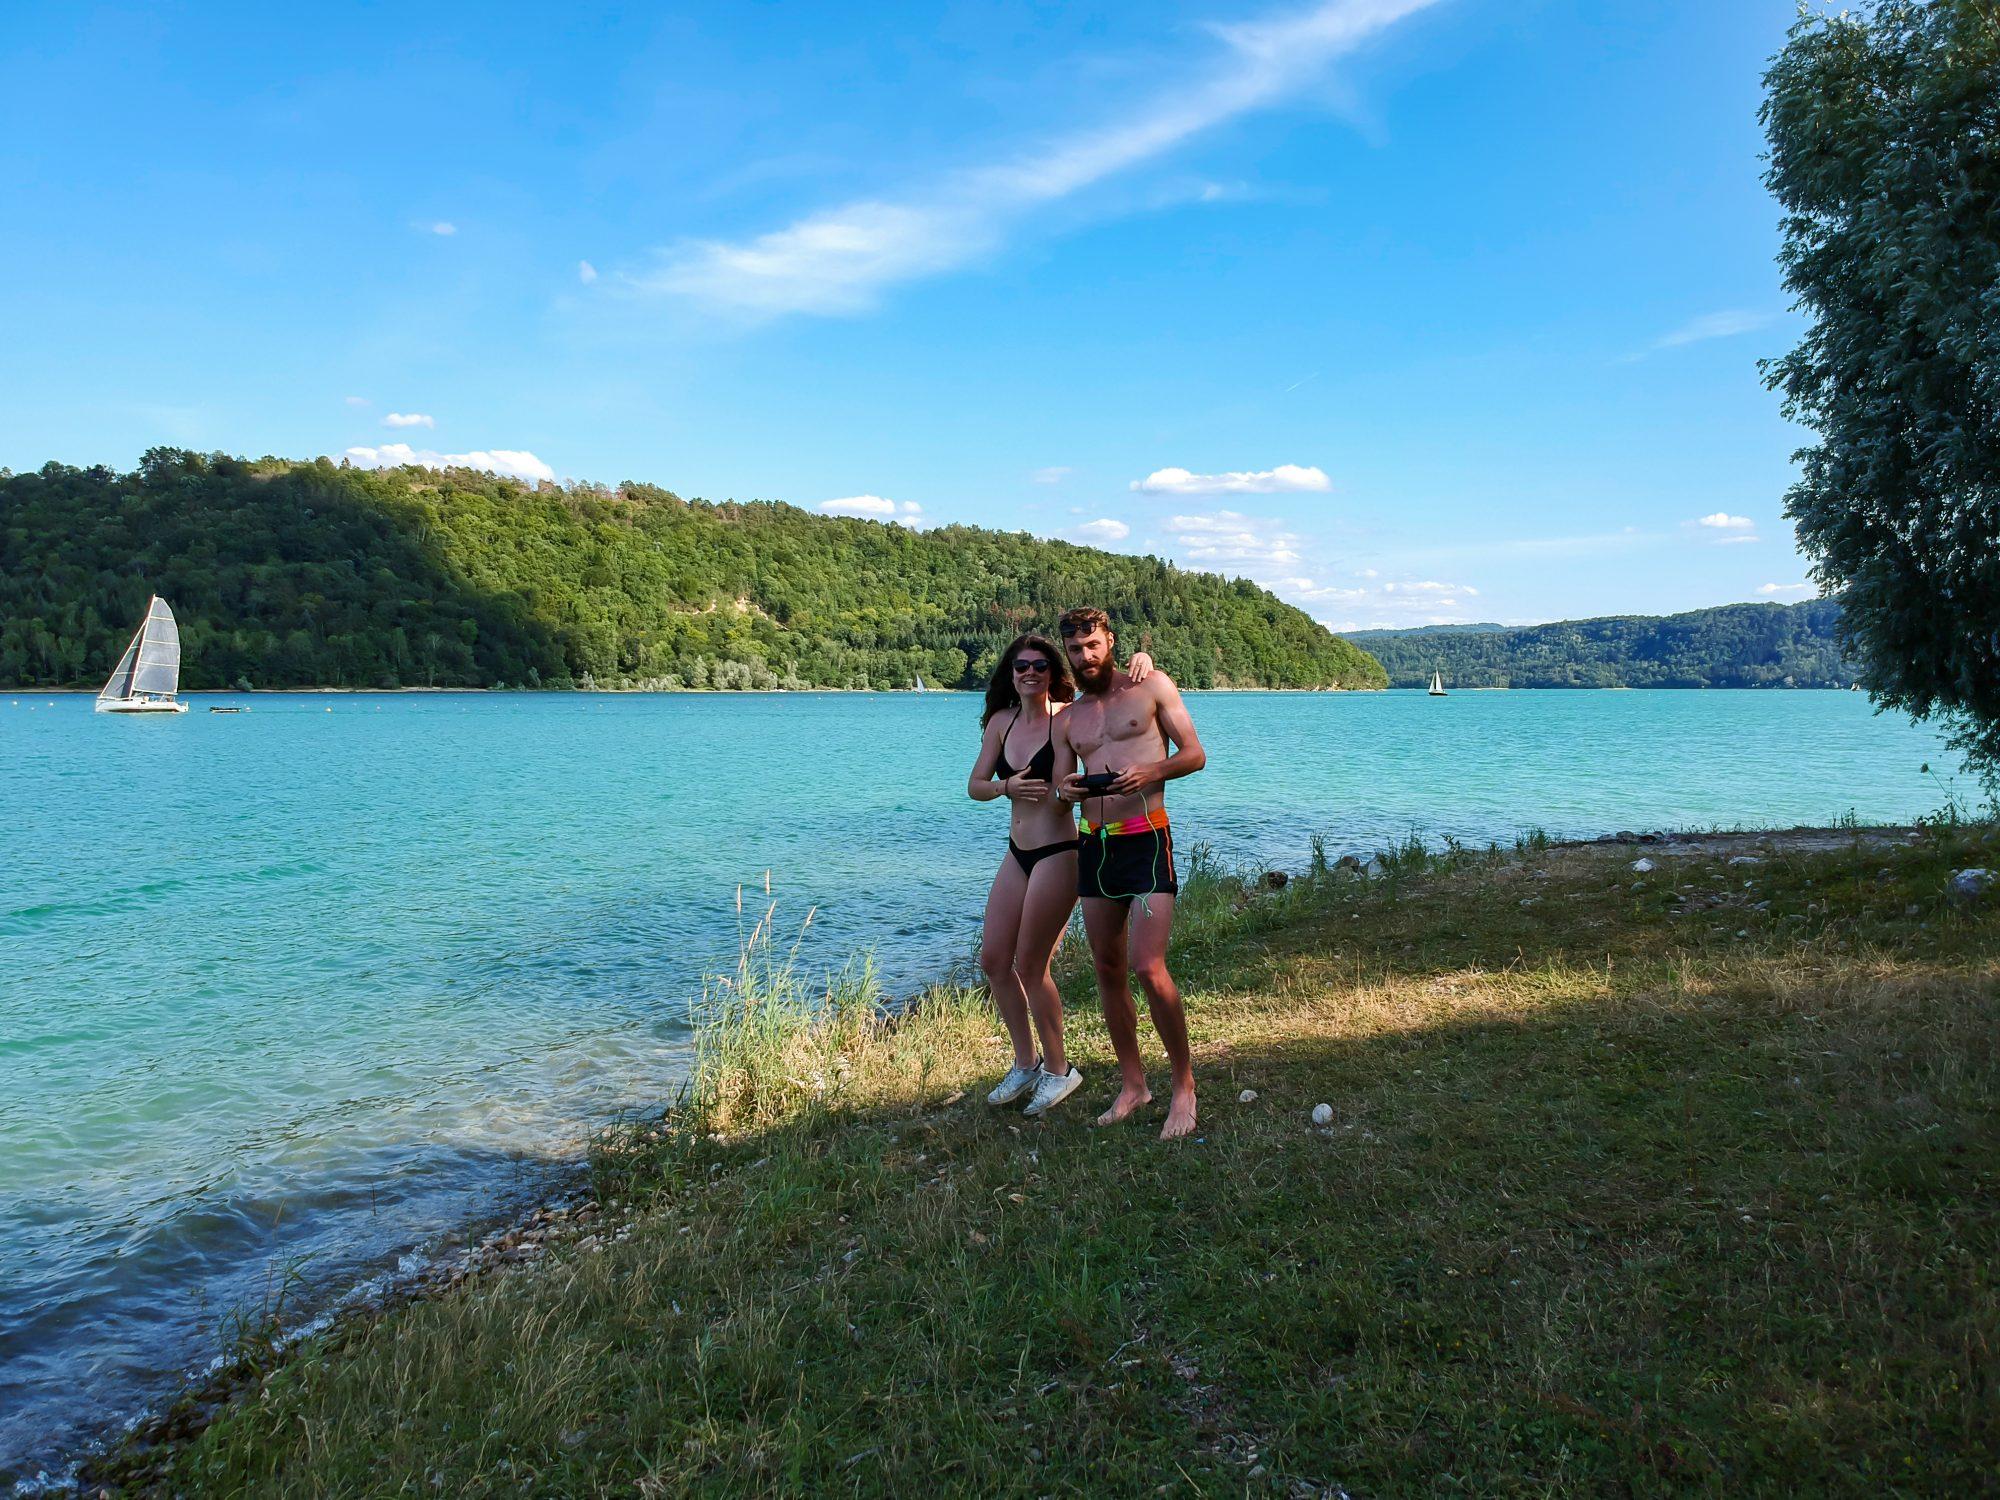 Les Paresseux Curieux à Vouglans - Lac de Vouglans Orgelet